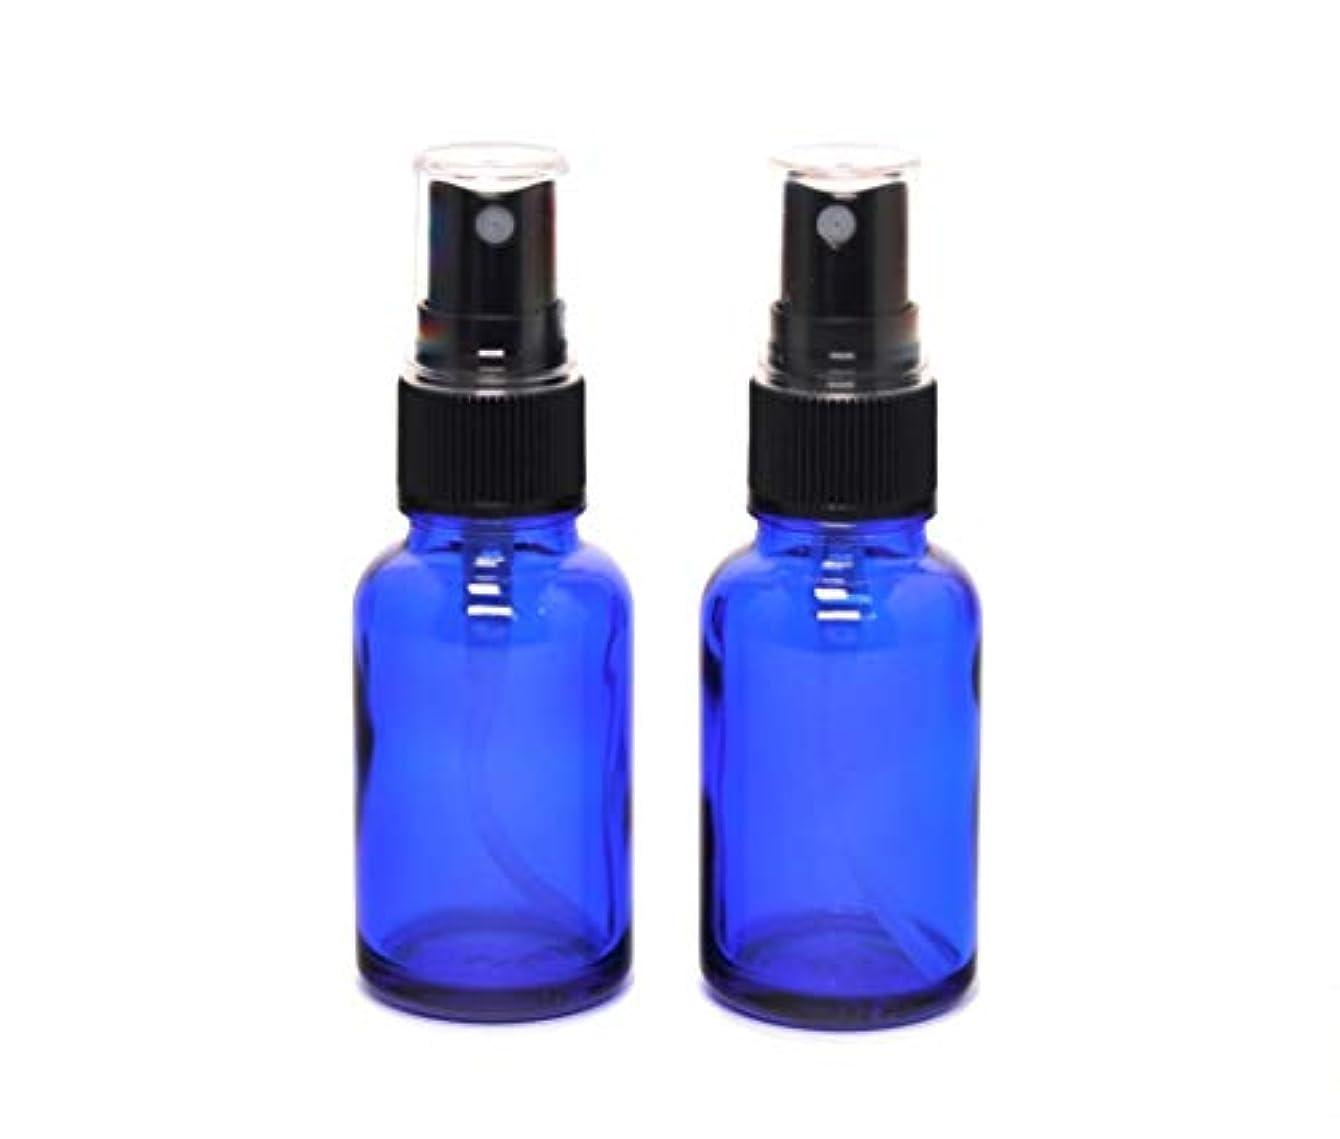 名誉あるガロンヘッジ遮光瓶 蓄圧式ミストのスプレーボトル 30ml コバルトブルー / ( 硝子製?アトマイザー )ブラックヘッド × 2本セット / アロマスプレー用